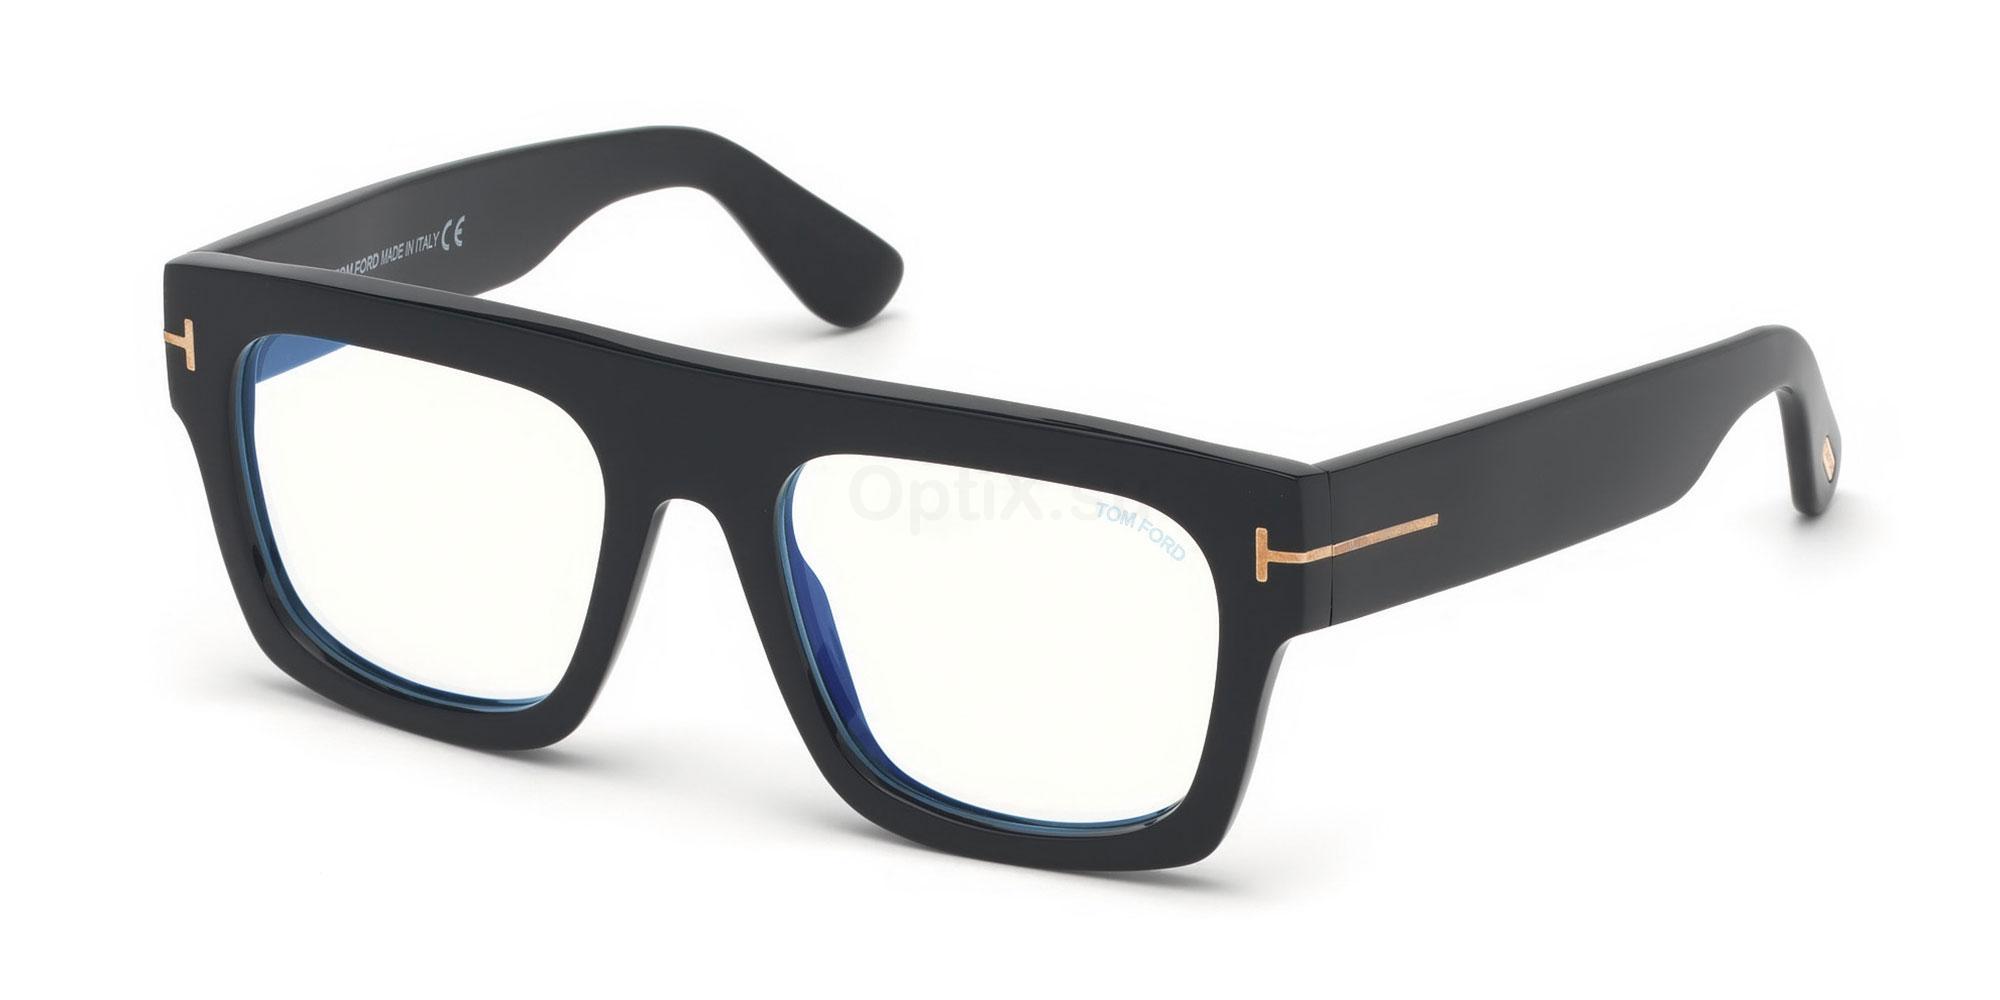 001 FT5634-B Glasses, Tom Ford